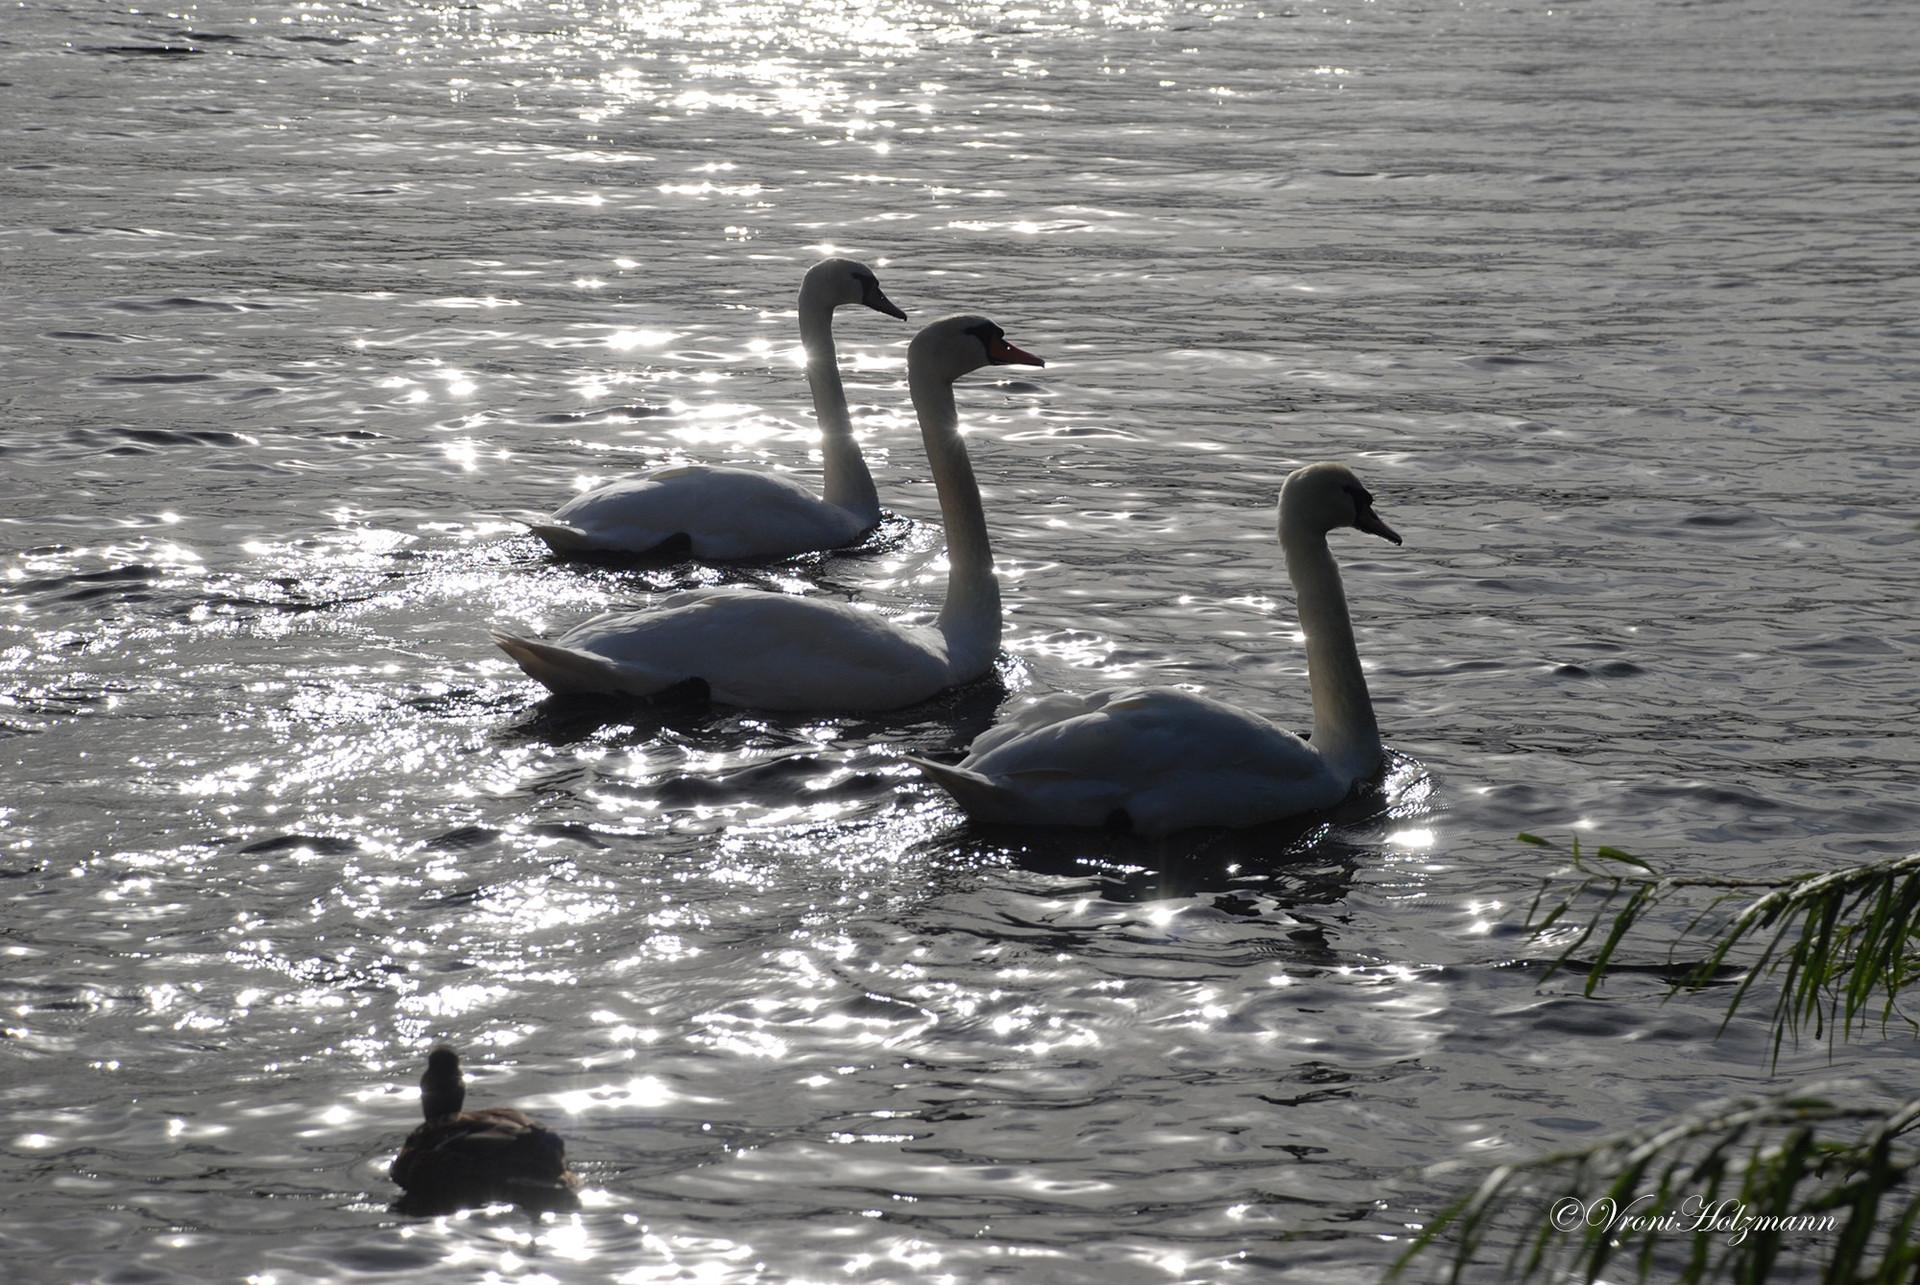 Swans at Duddingston Loch